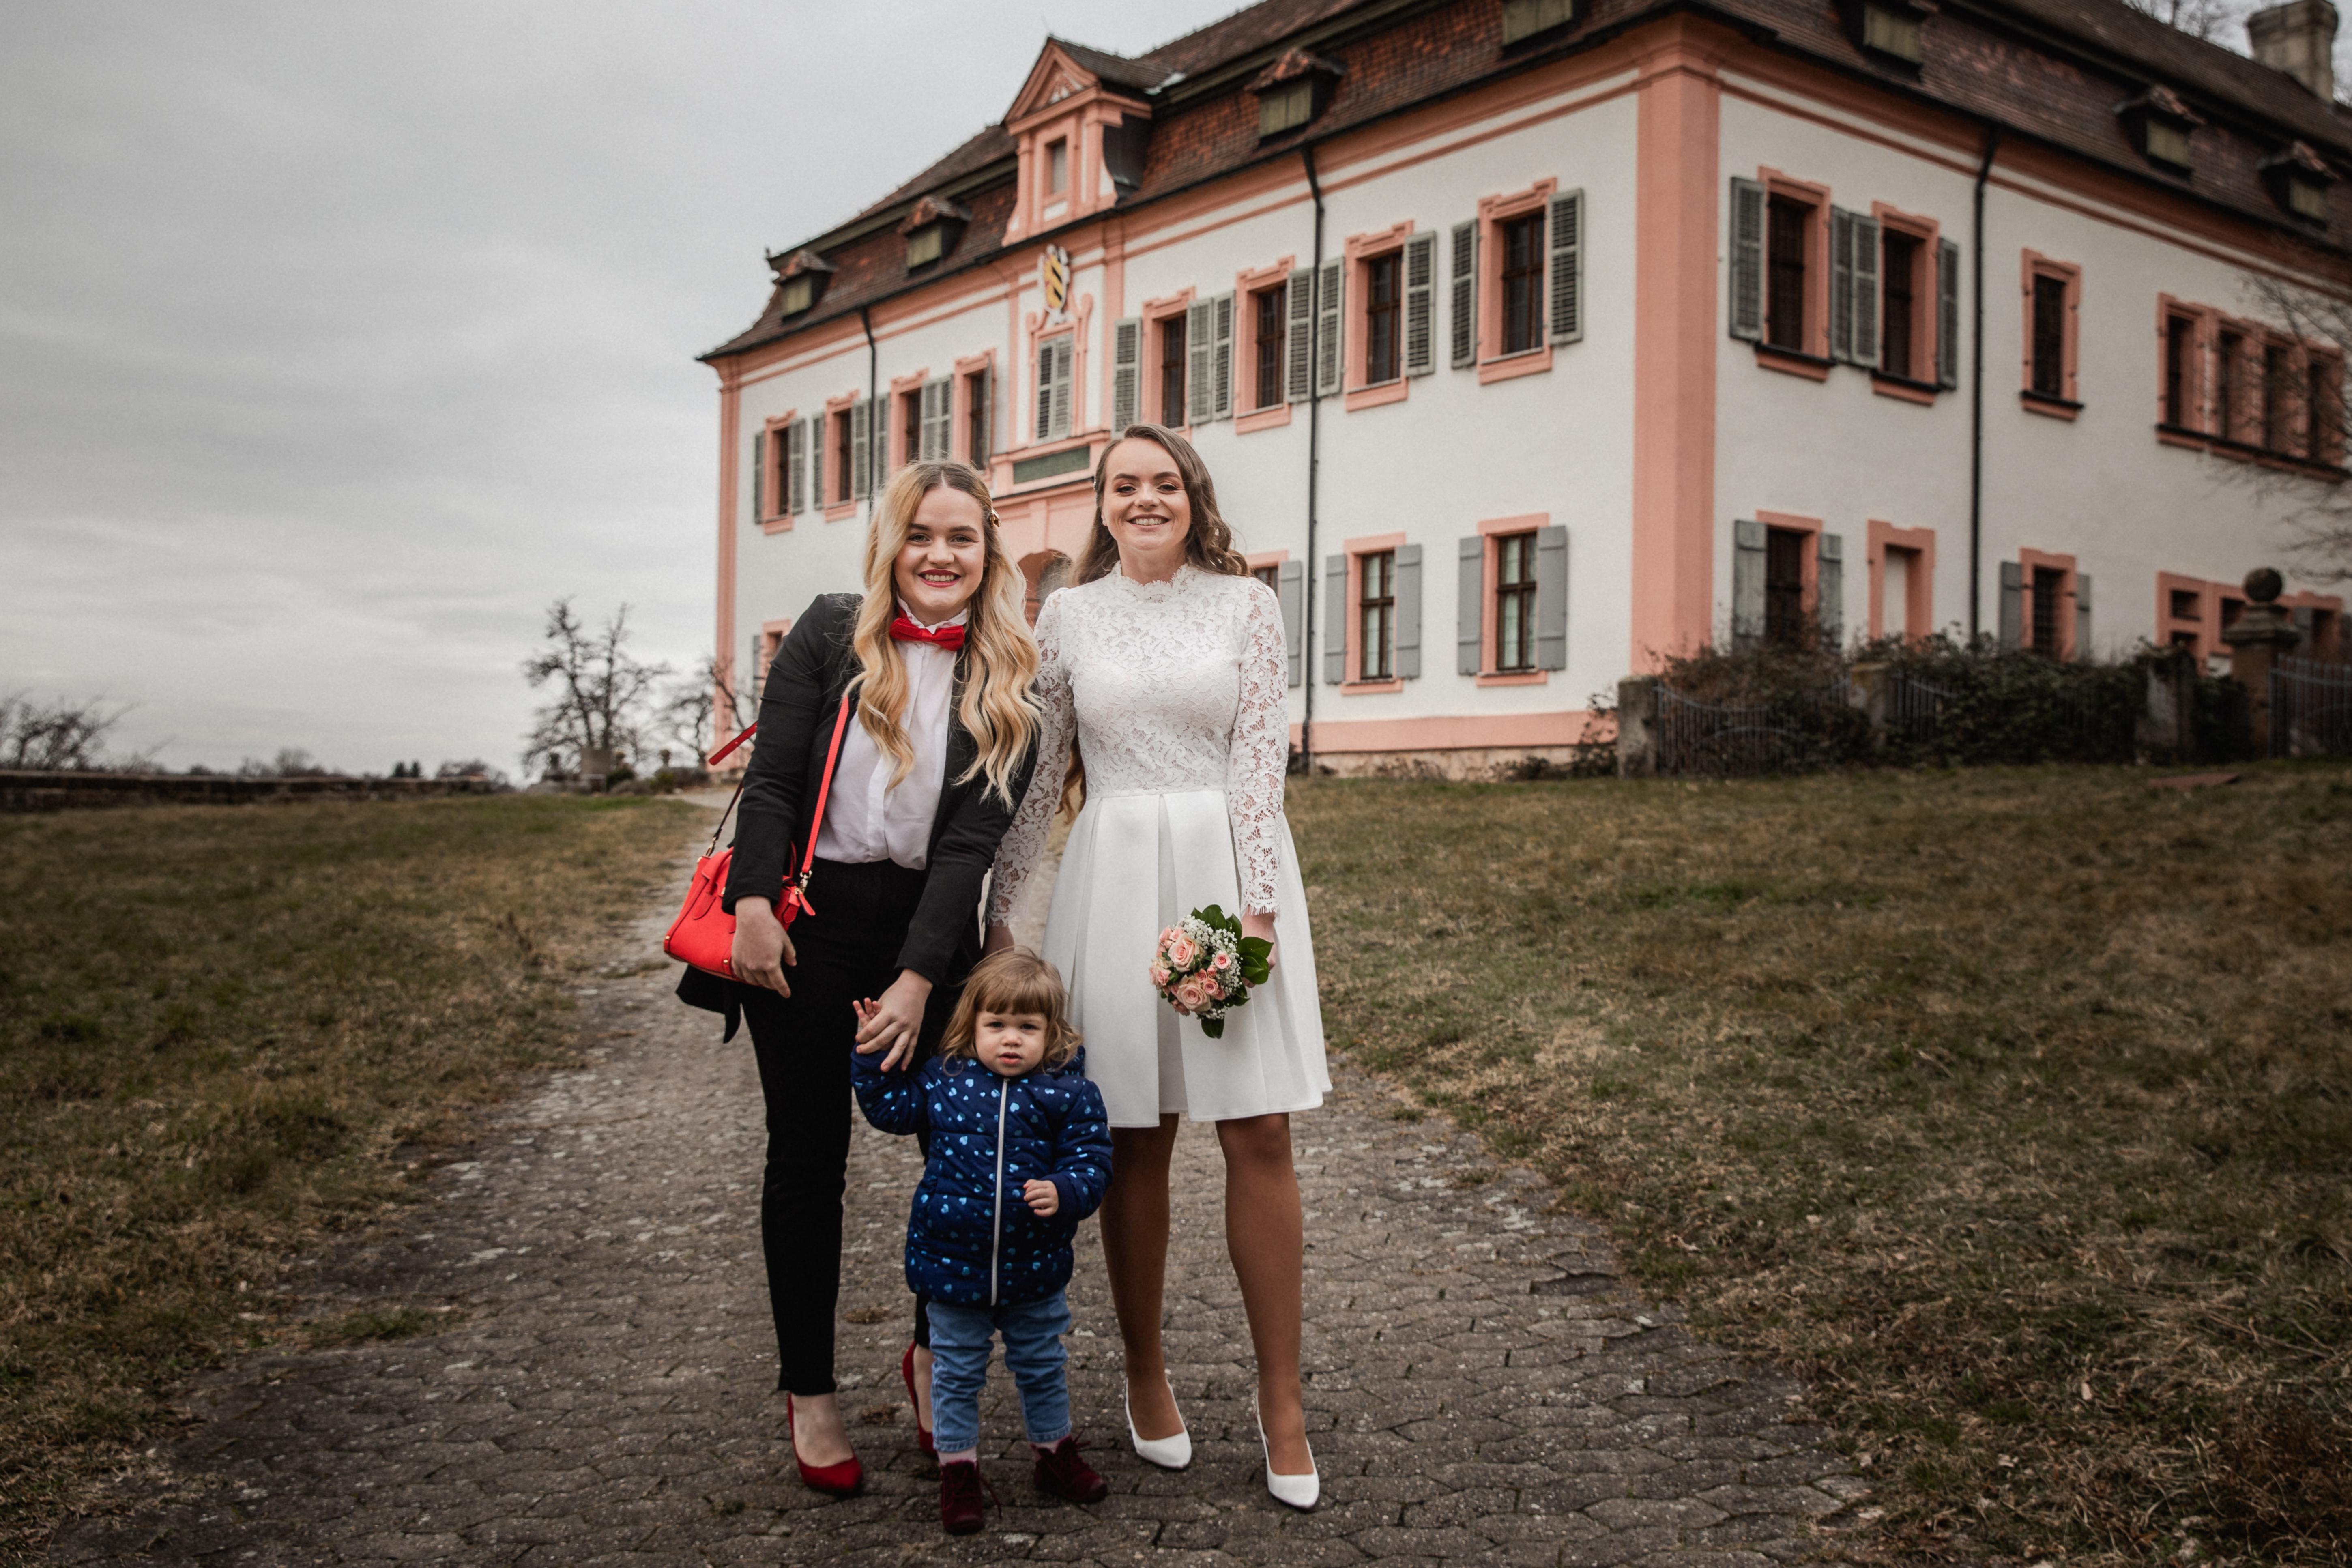 Hochzeitsfotograf-Grossgruendlach-Standesamt-Hallerschloss-Urbanerie-Stazija-und-Michael-050